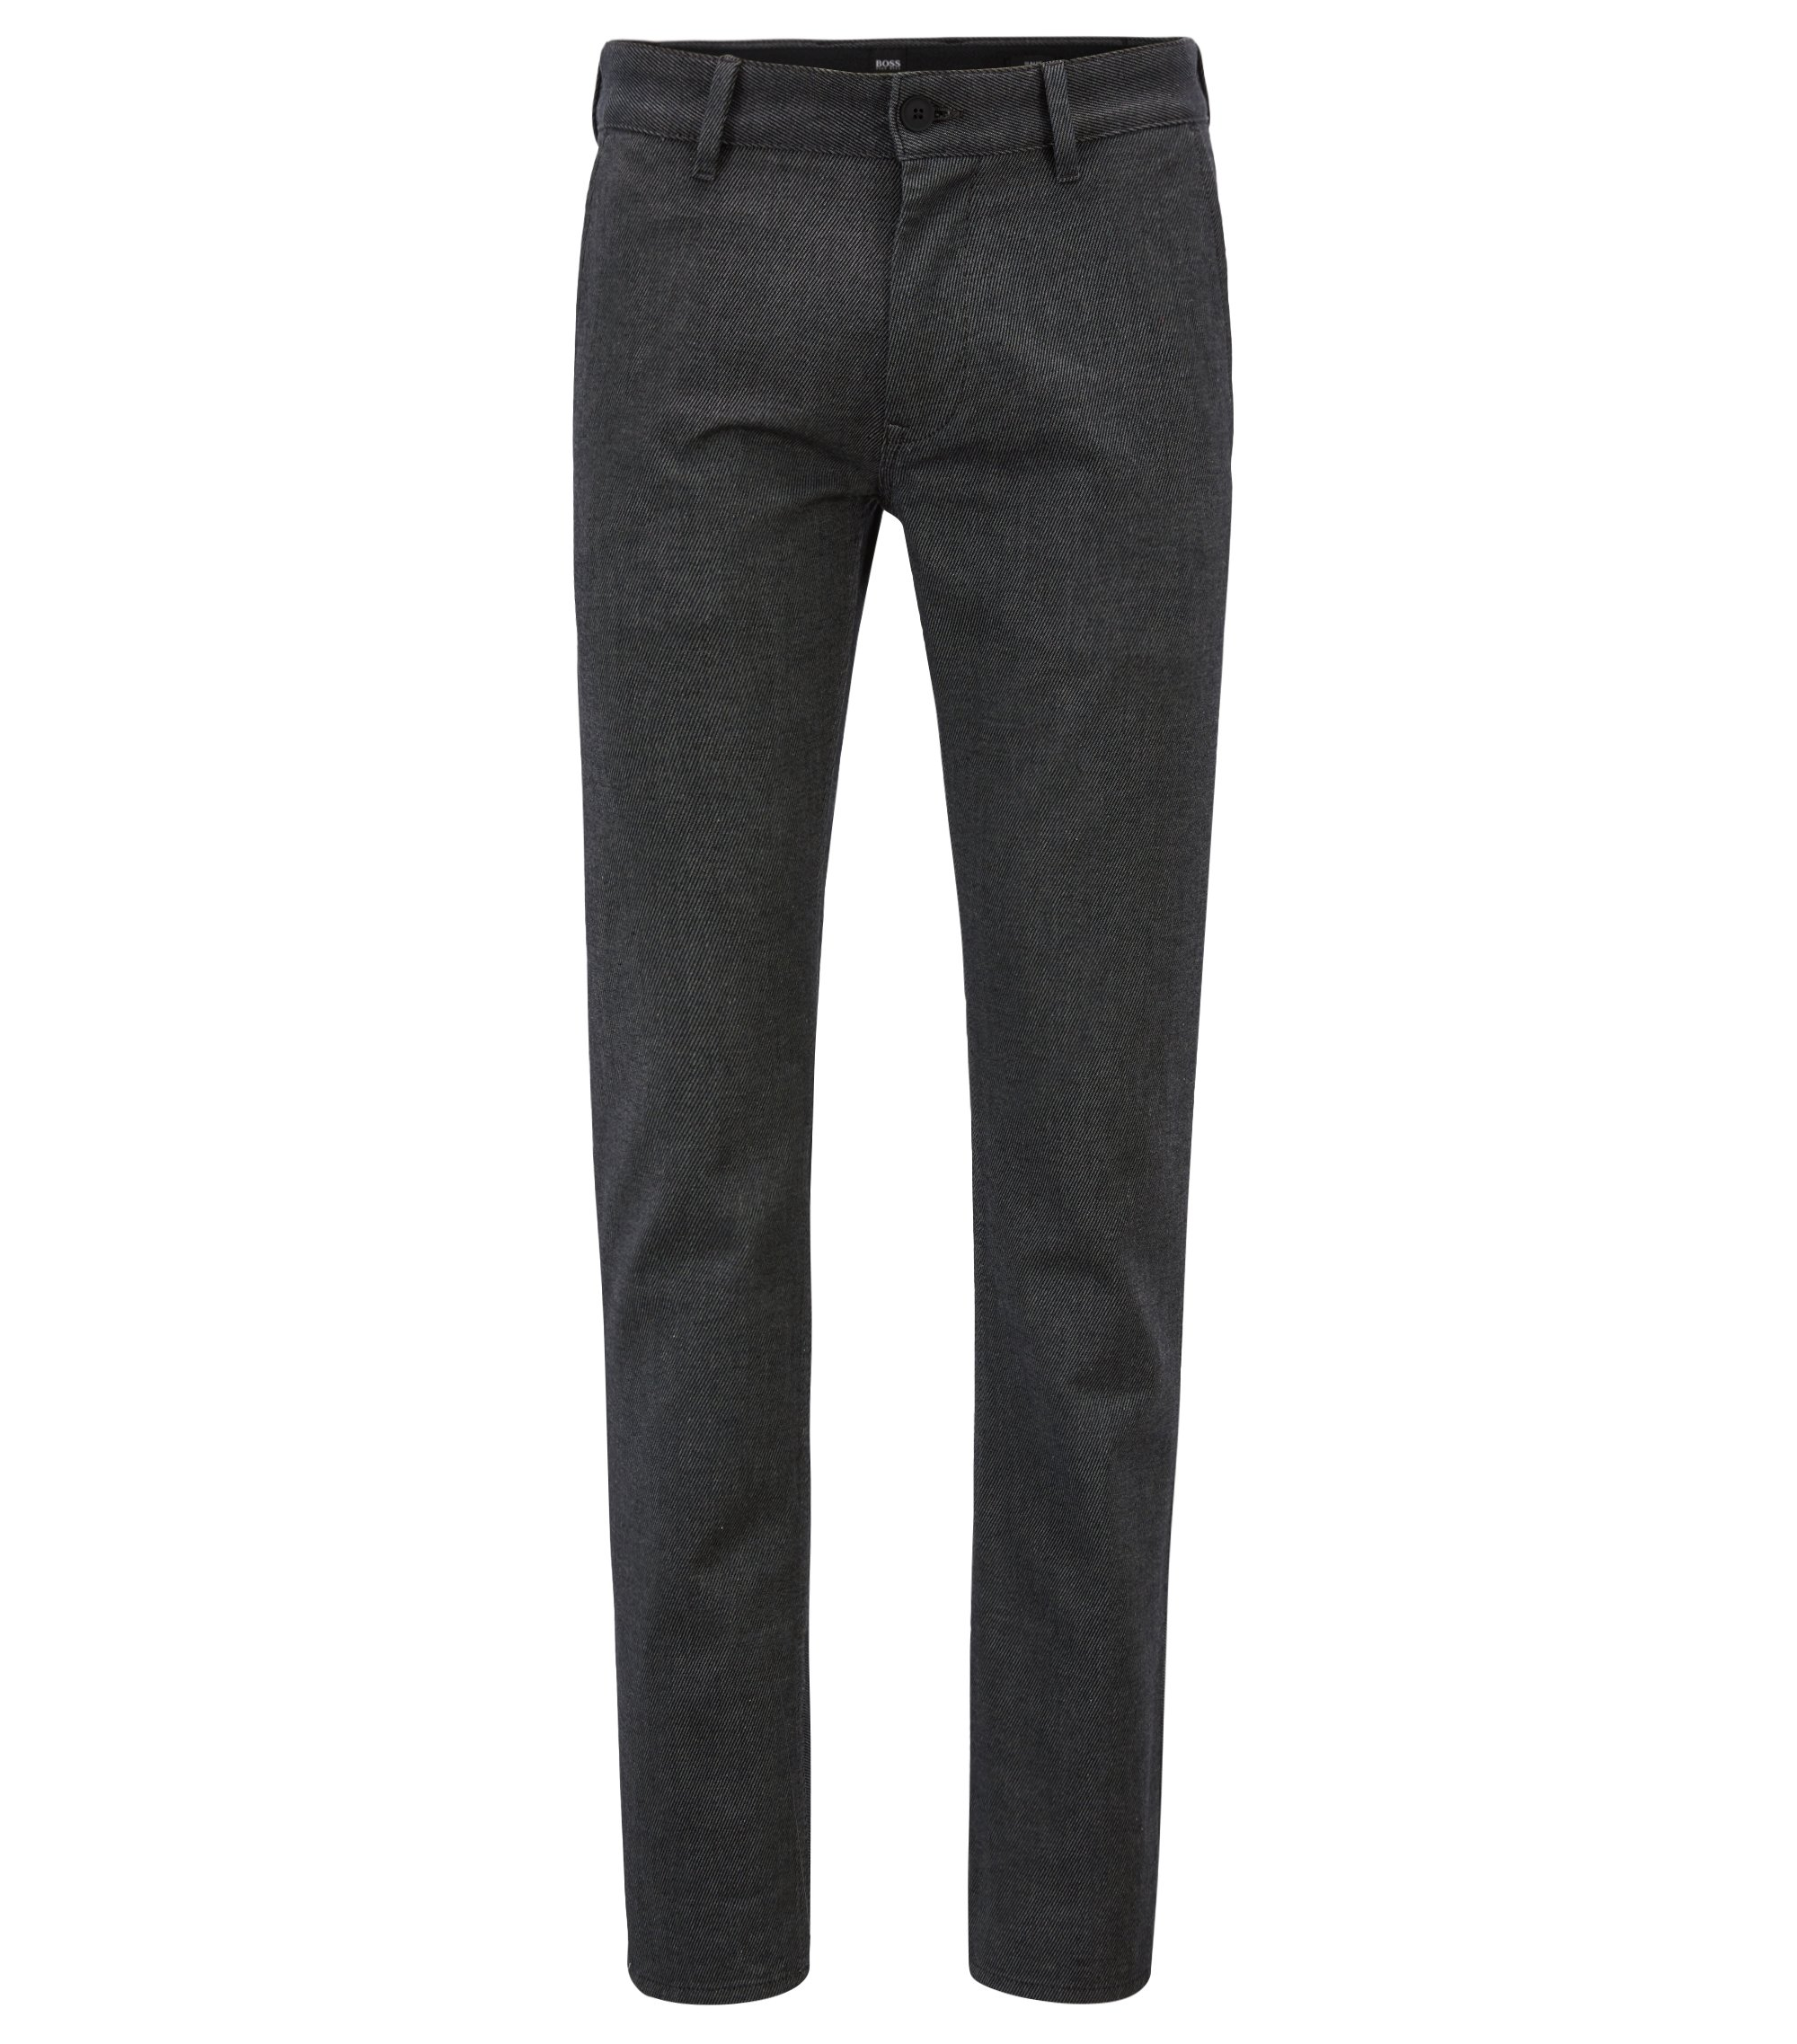 Pantalon Slim Fit en coton stretch bicolore, Noir